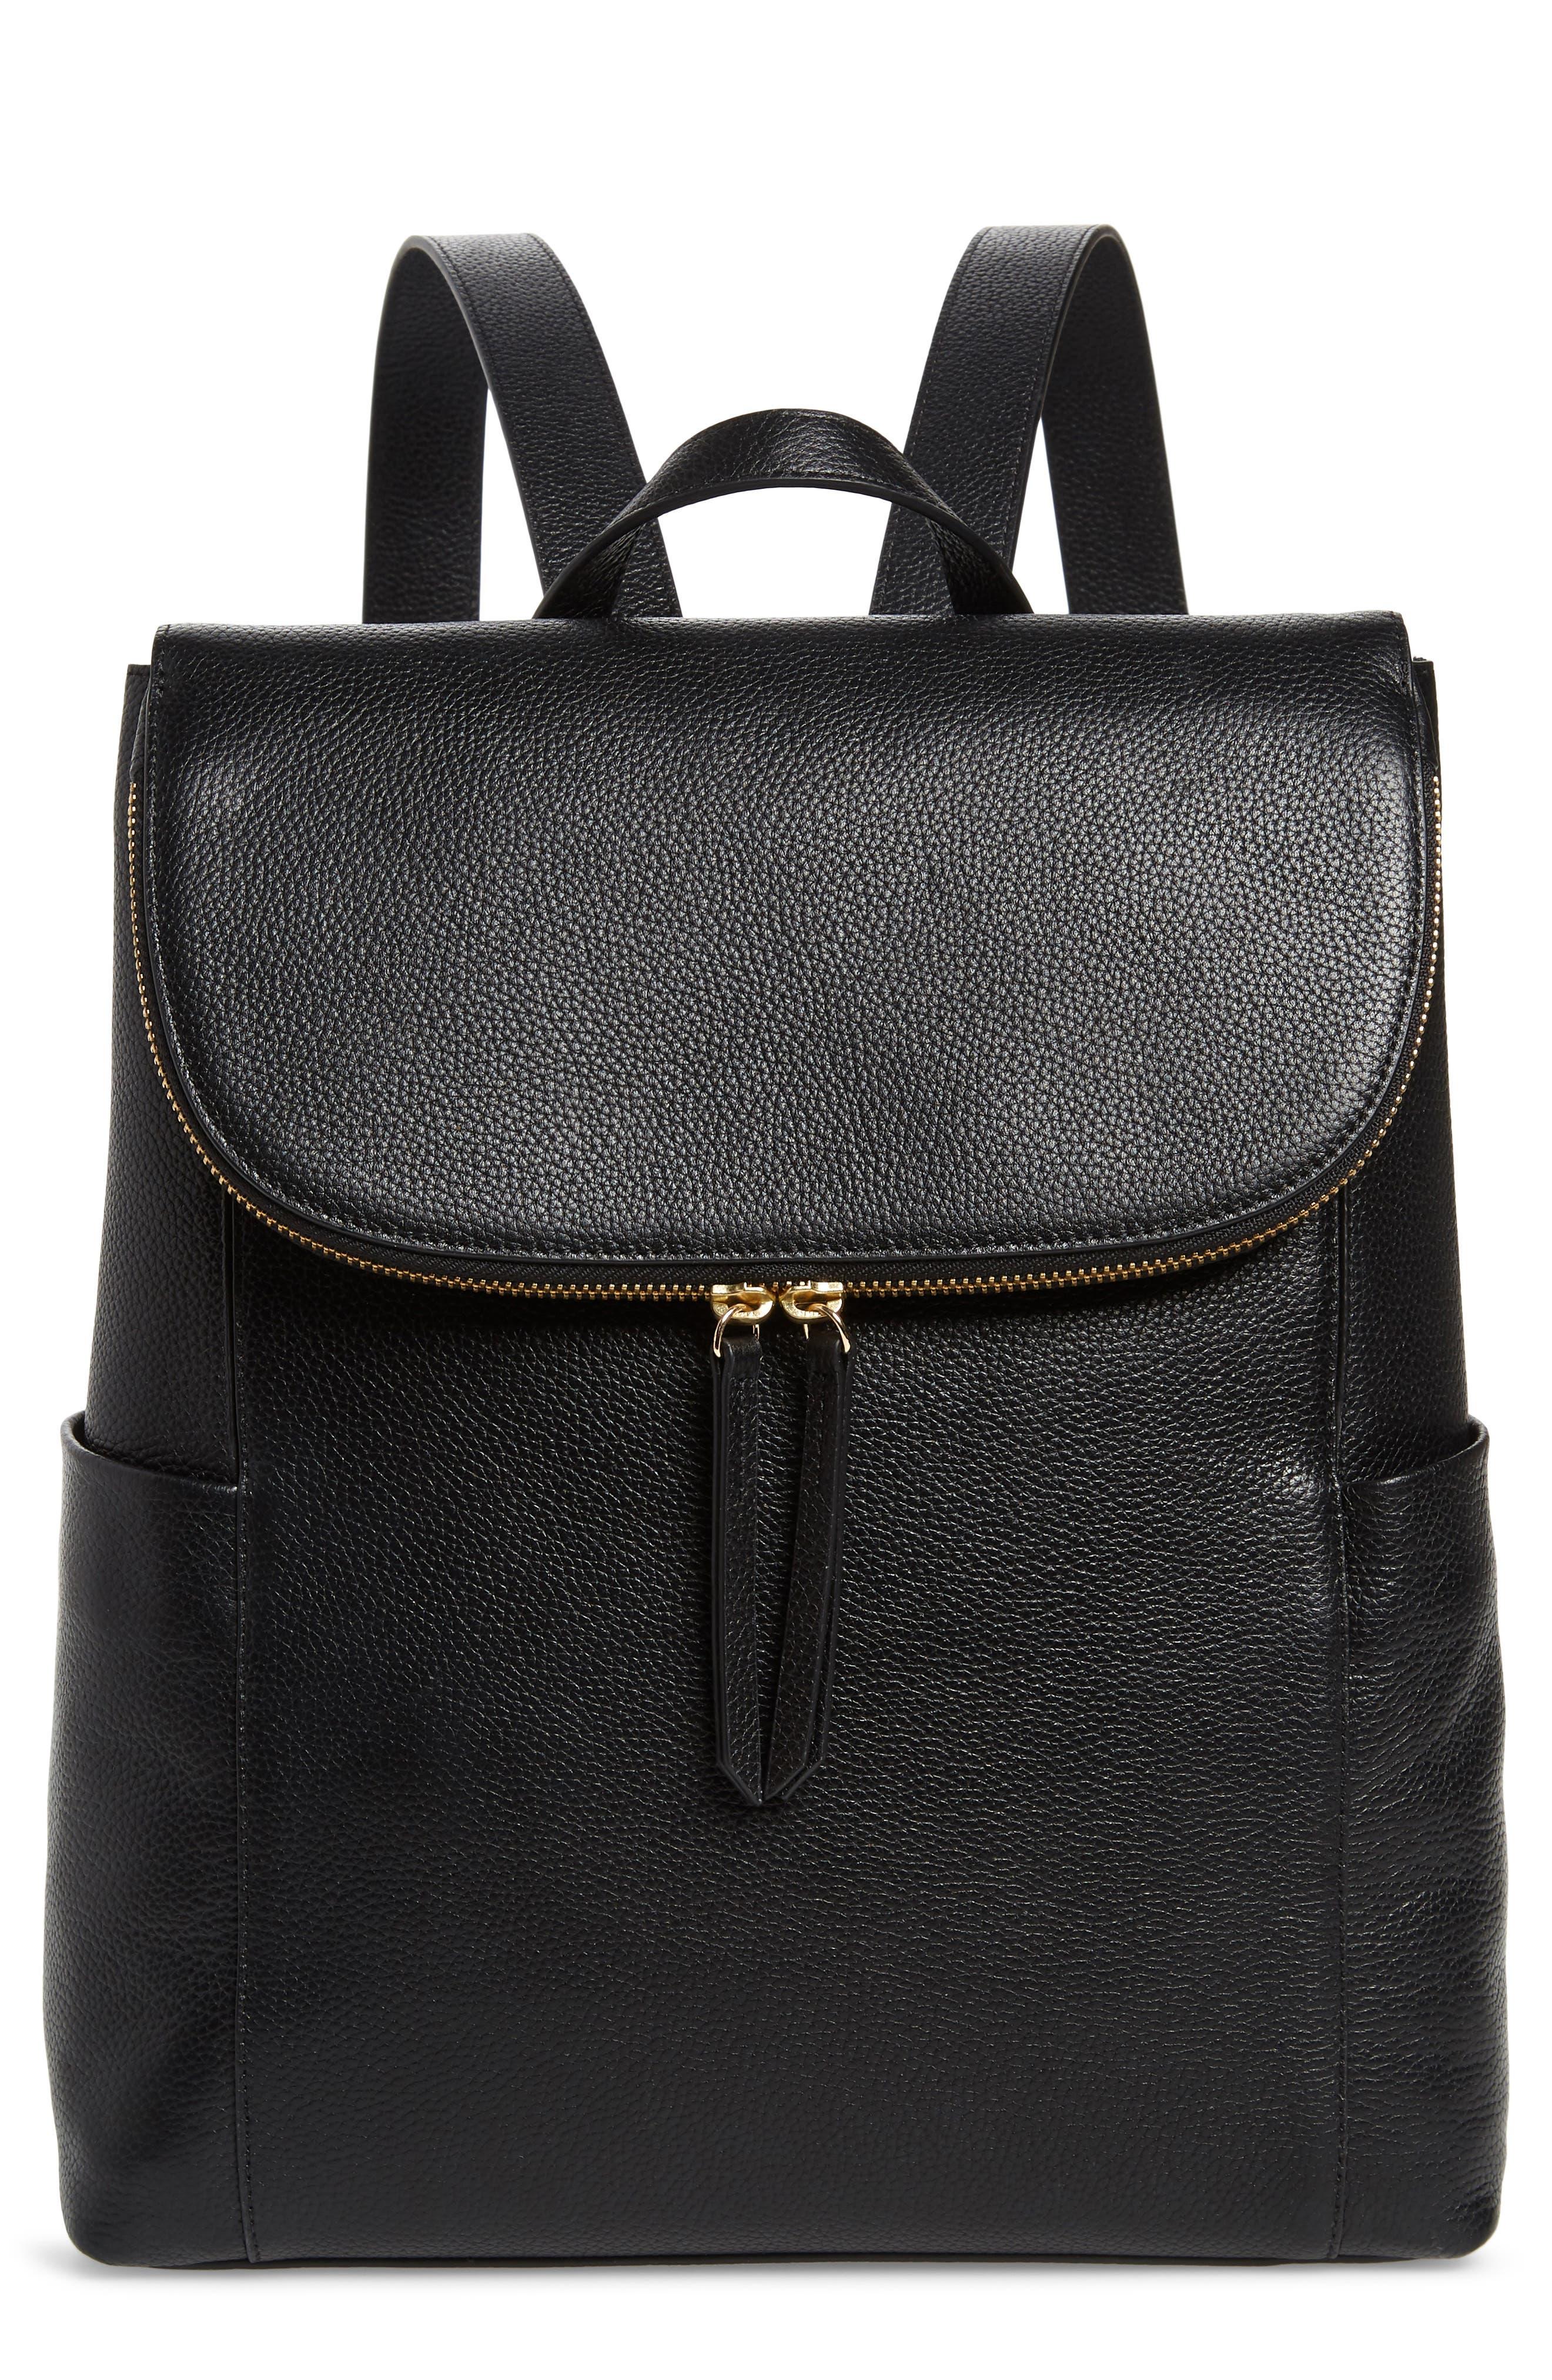 NORDSTROM Reah Backpack, Main, color, BLACK